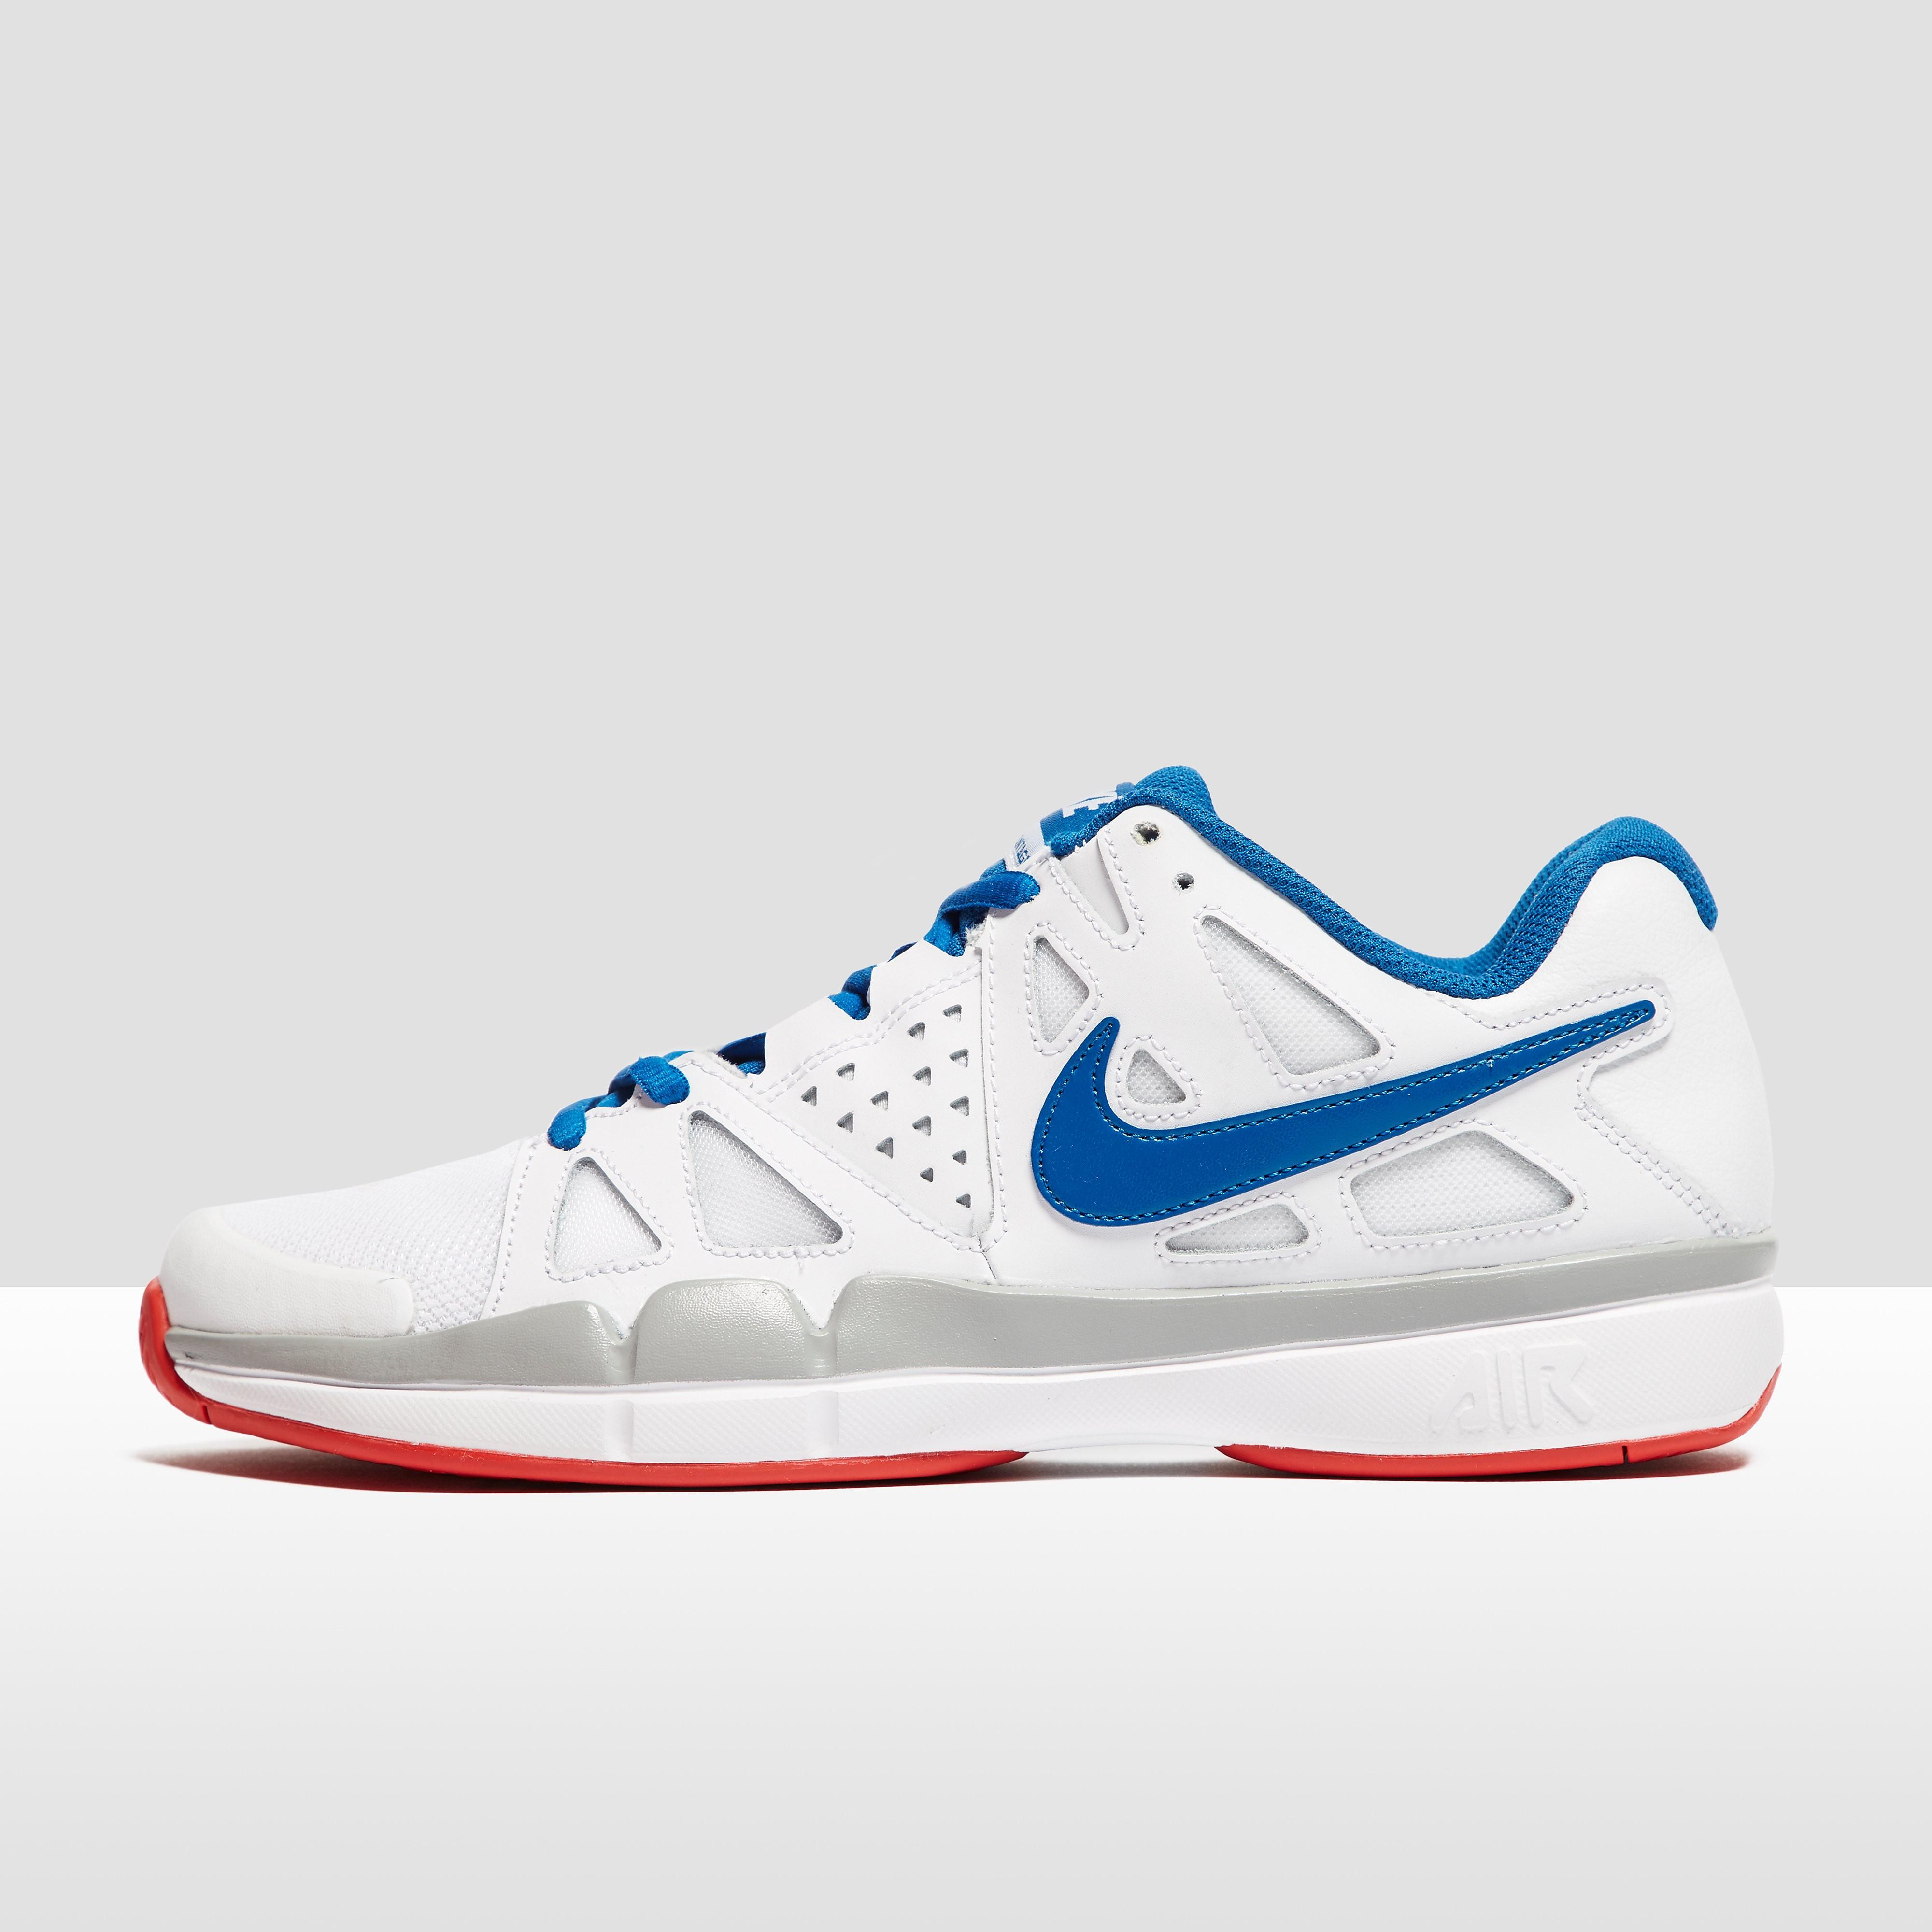 Nike NIKECOURT AIR VAPOR ADVANTAGE Men's Tennis Shoes